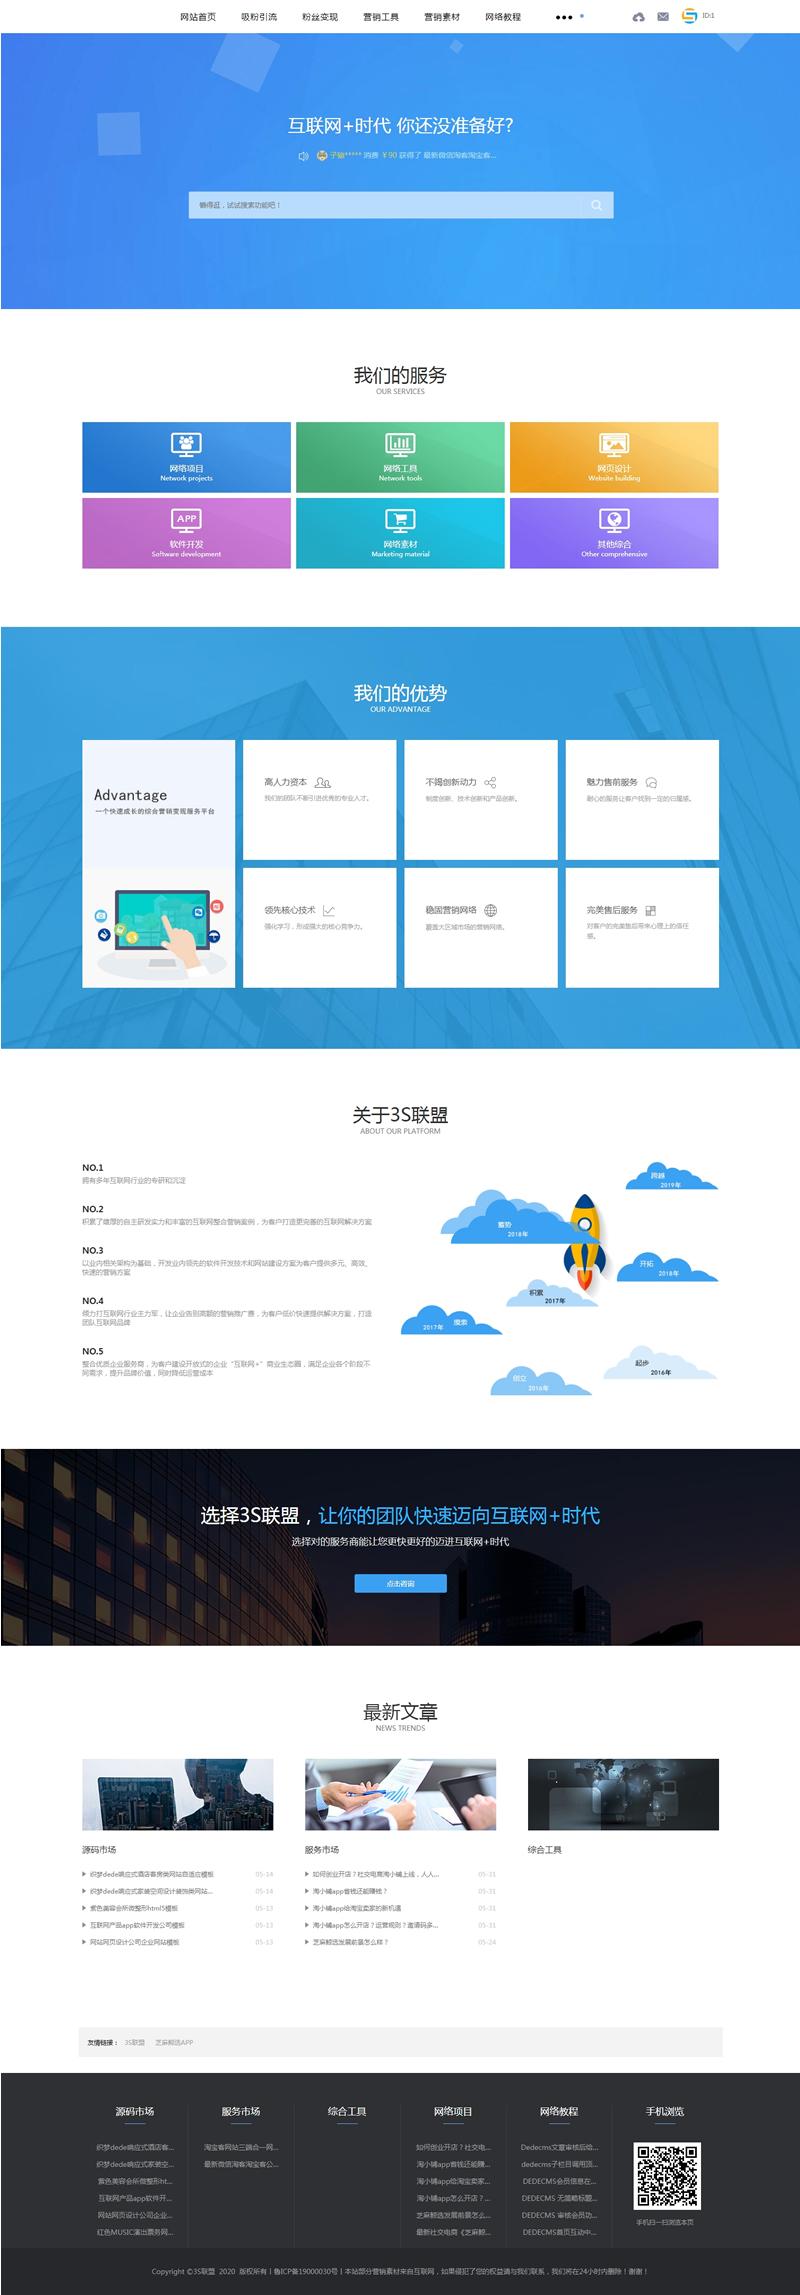 【dedecms】2020网站营销虚拟商品交易文章发布官网织梦模板-爱资源分享